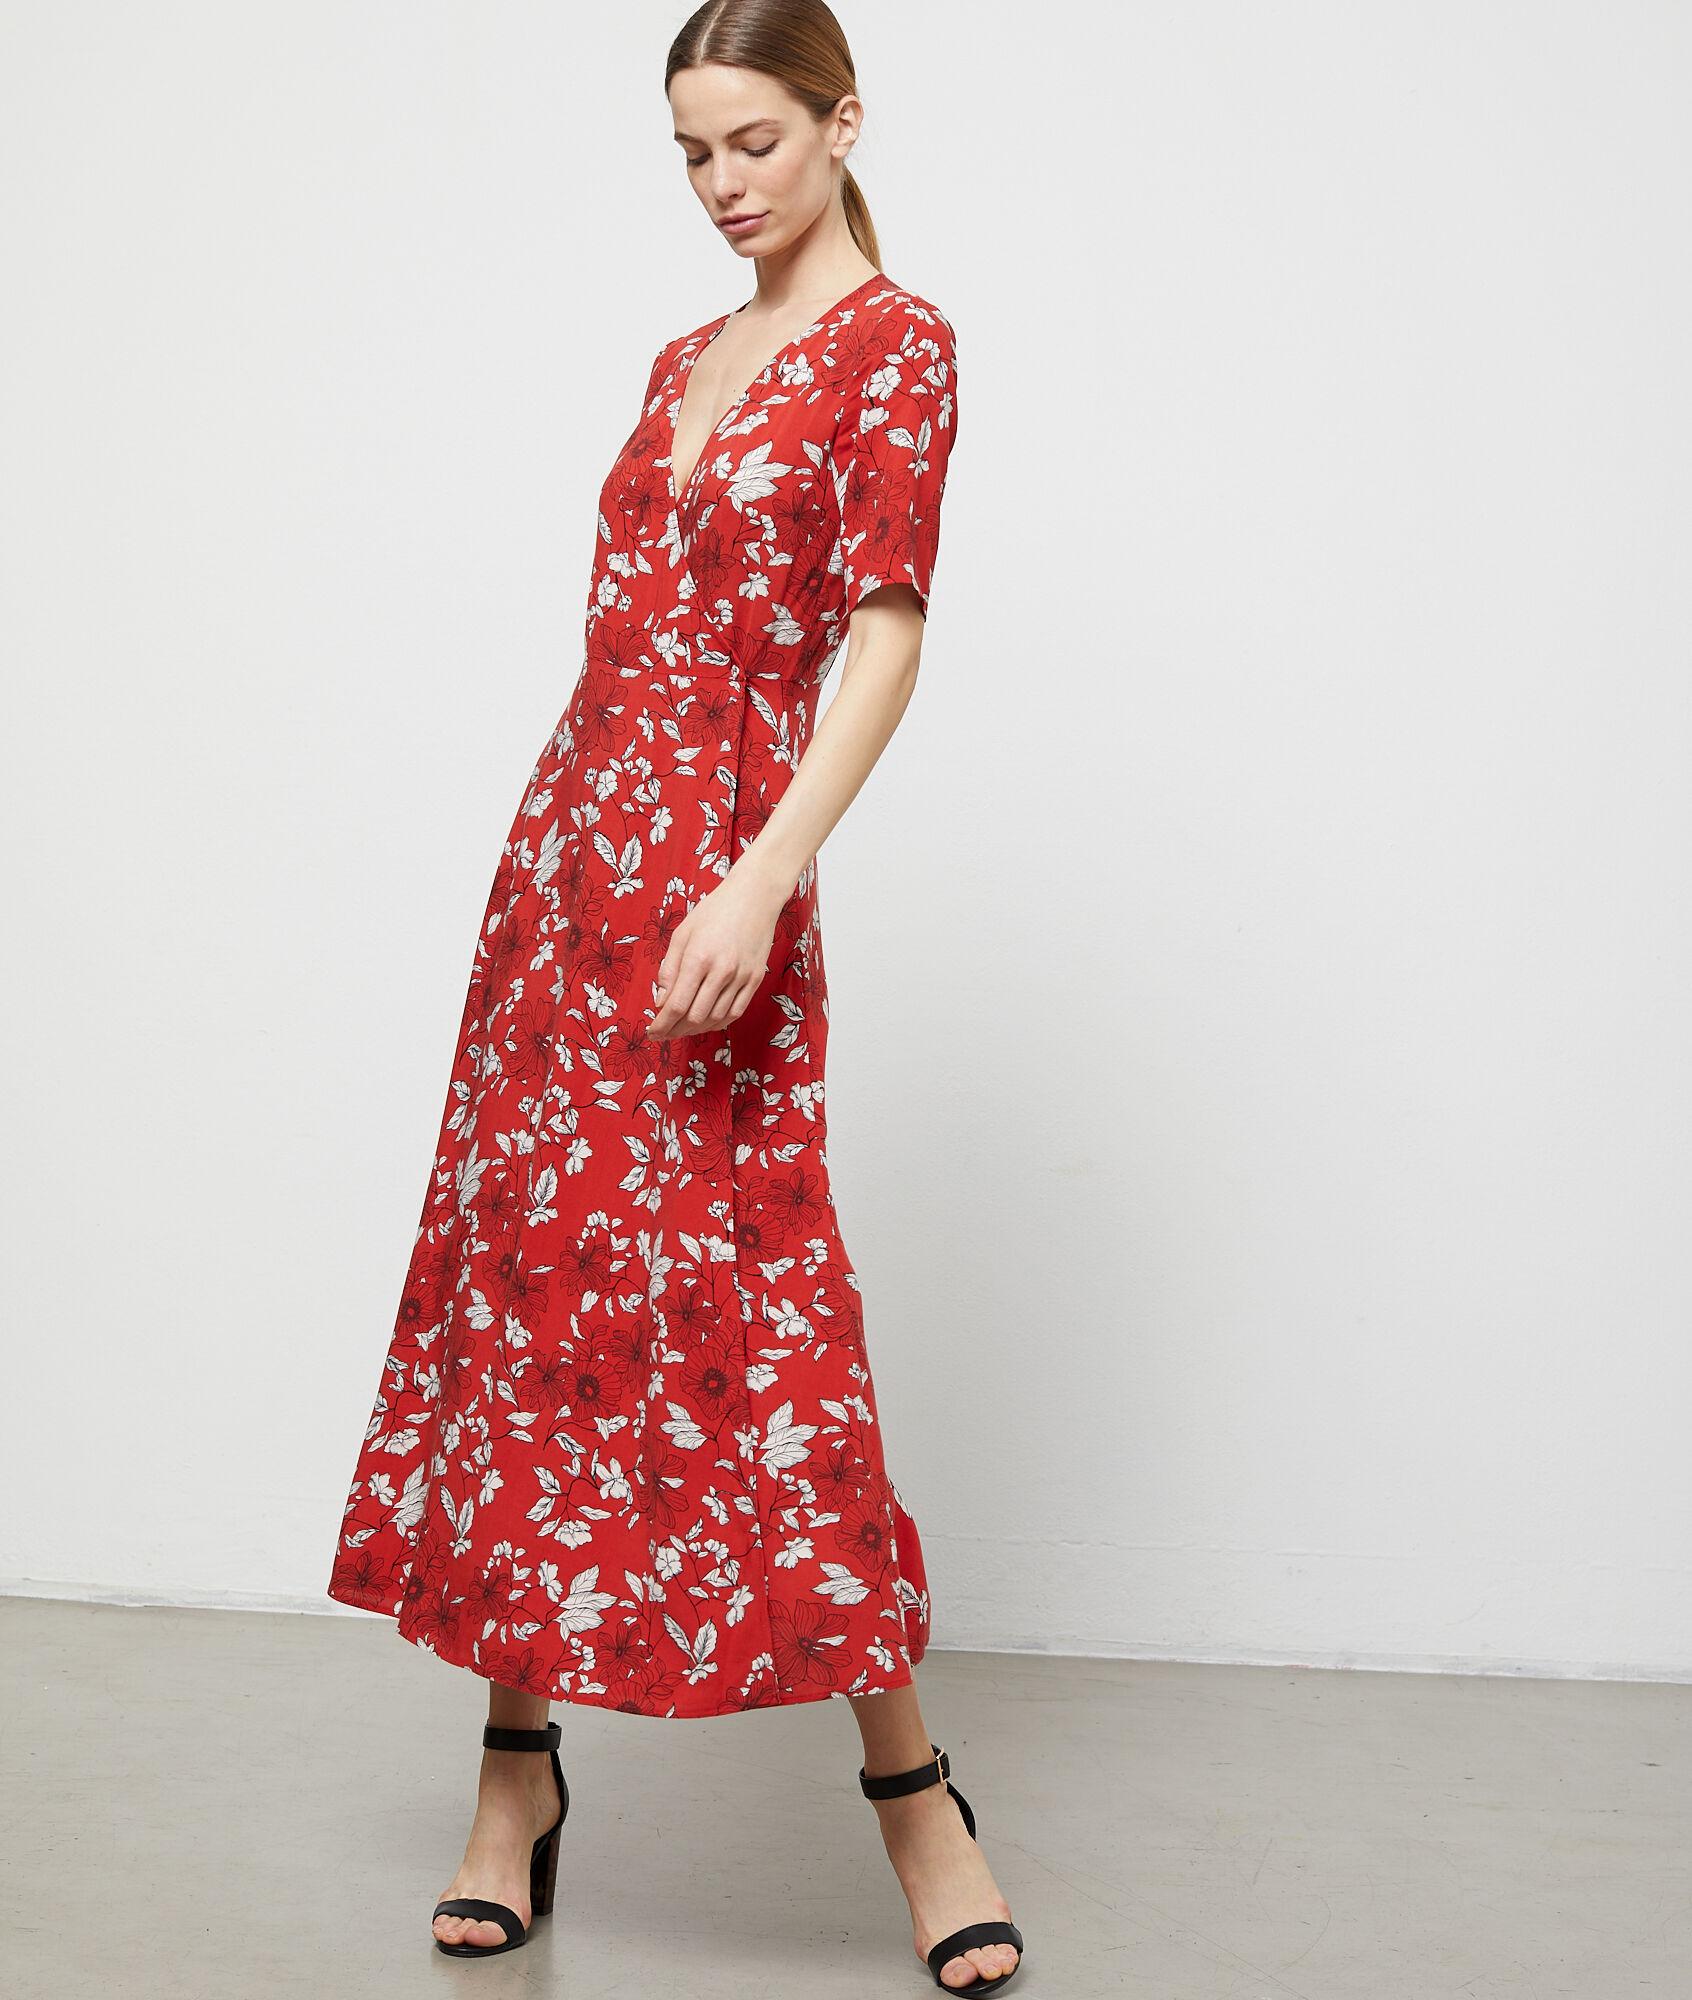 275c020de29 Robe longue cache cœur à imprimé floral - BERYL - ROUGE - Etam